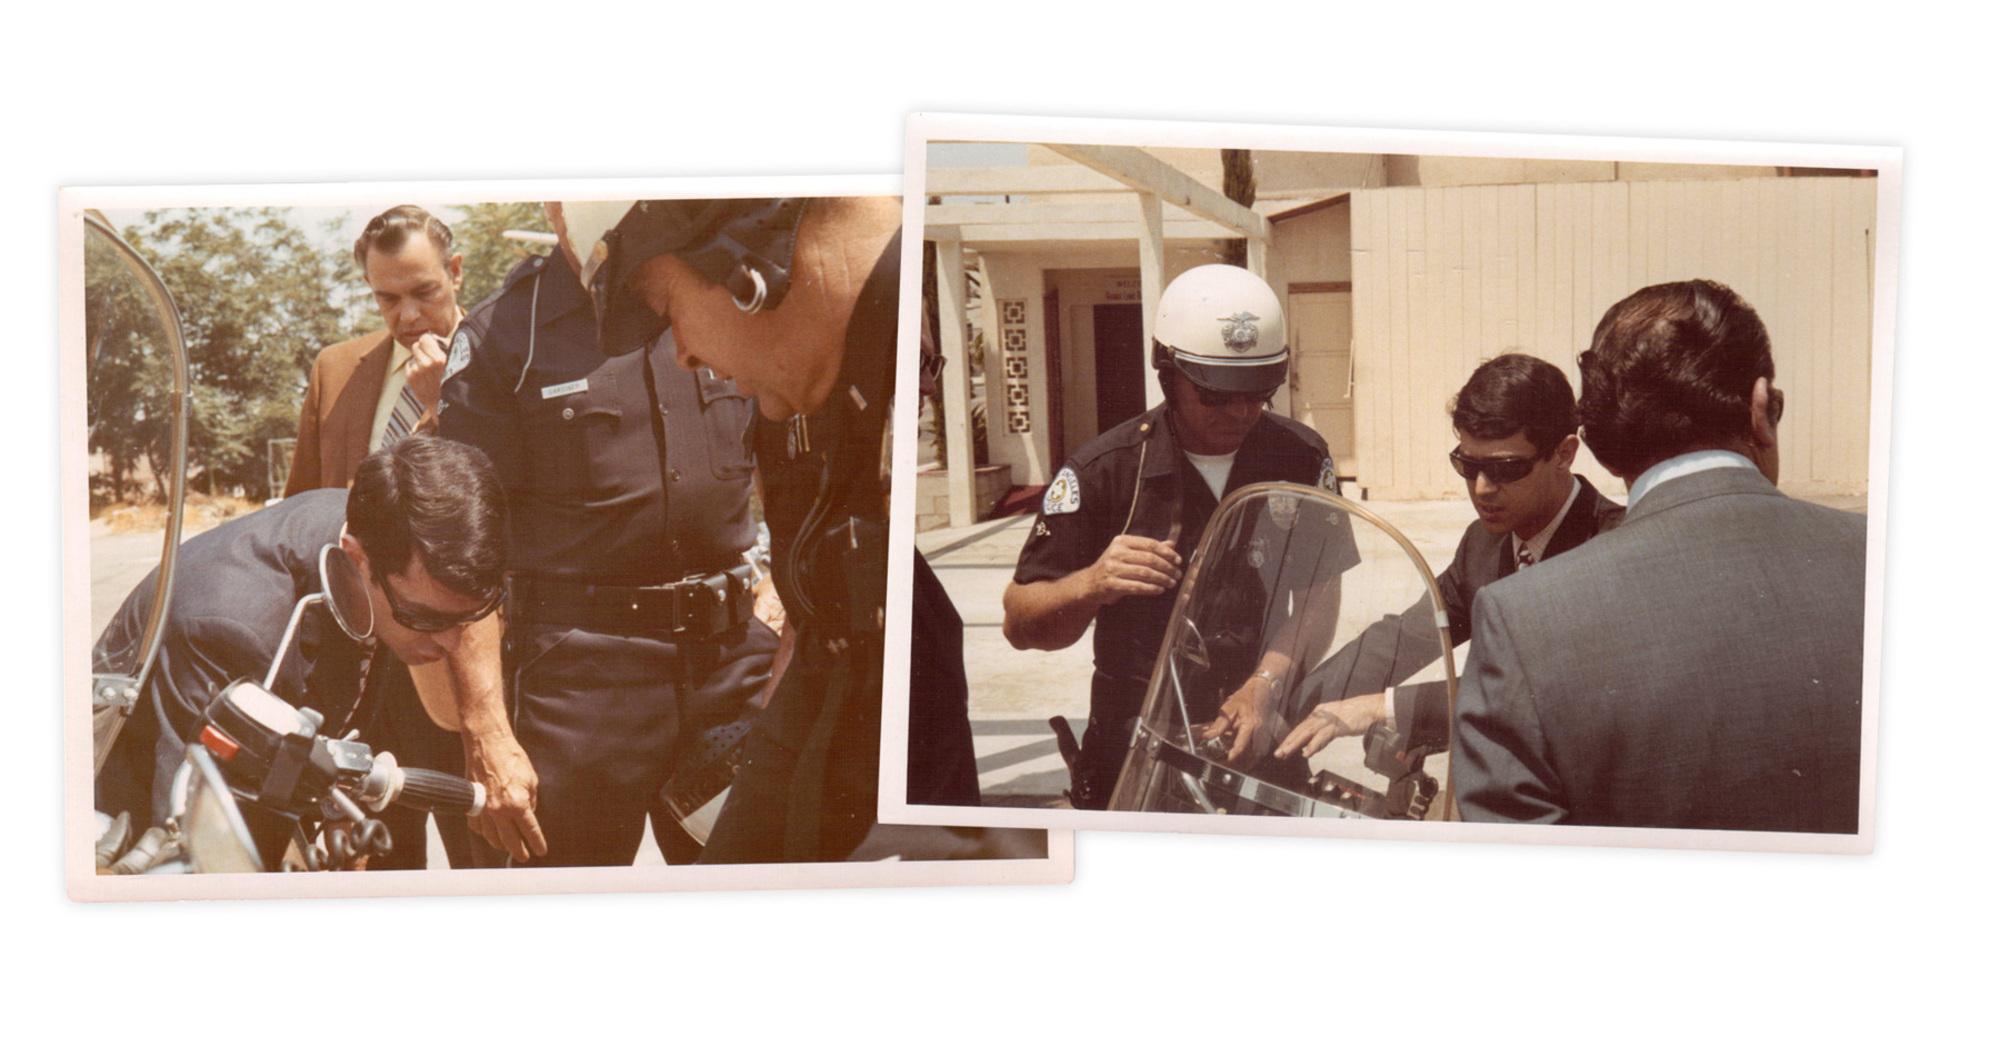 LAPD, 1970: Enrico De Vita mostra le modifiche alla V7 ai responsabili della polizia californiana